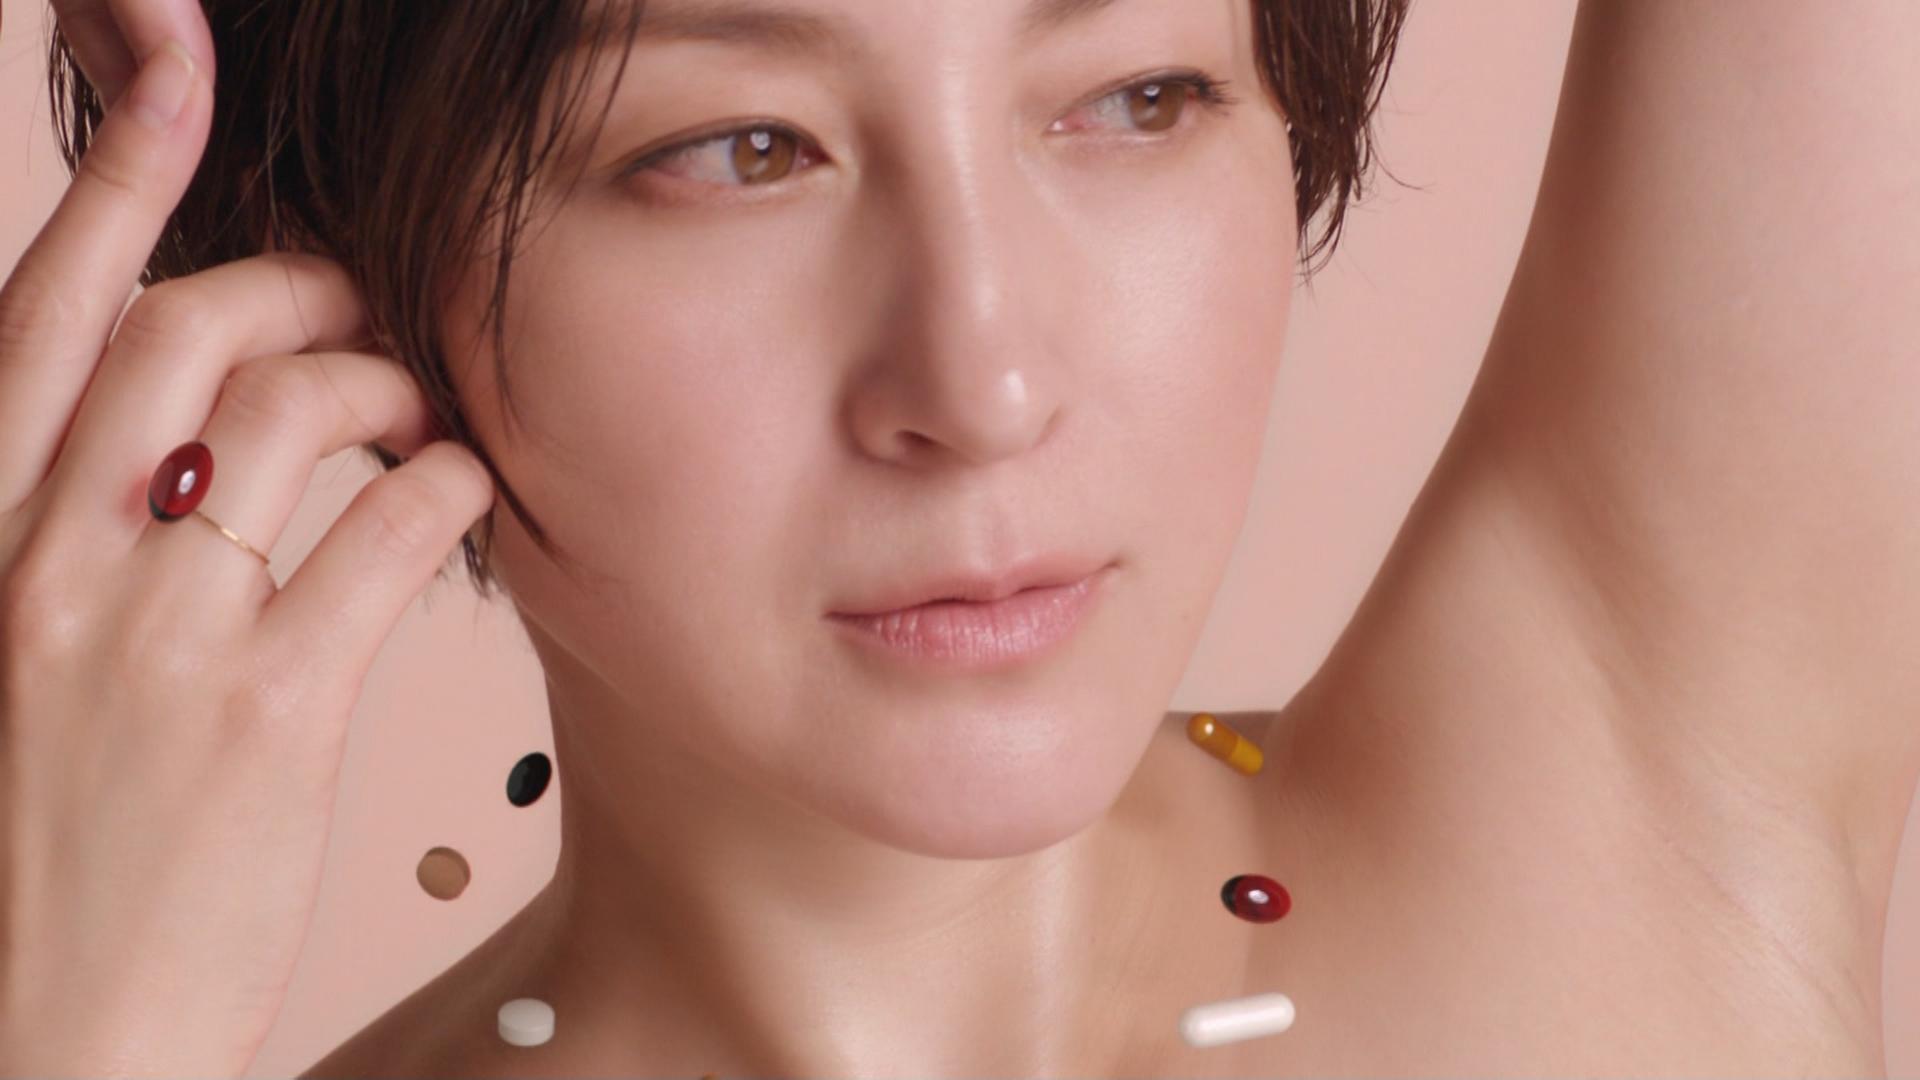 広末涼子 裸のCMが綺麗でエロい(ツルワキ)キャプ・エロ画像6